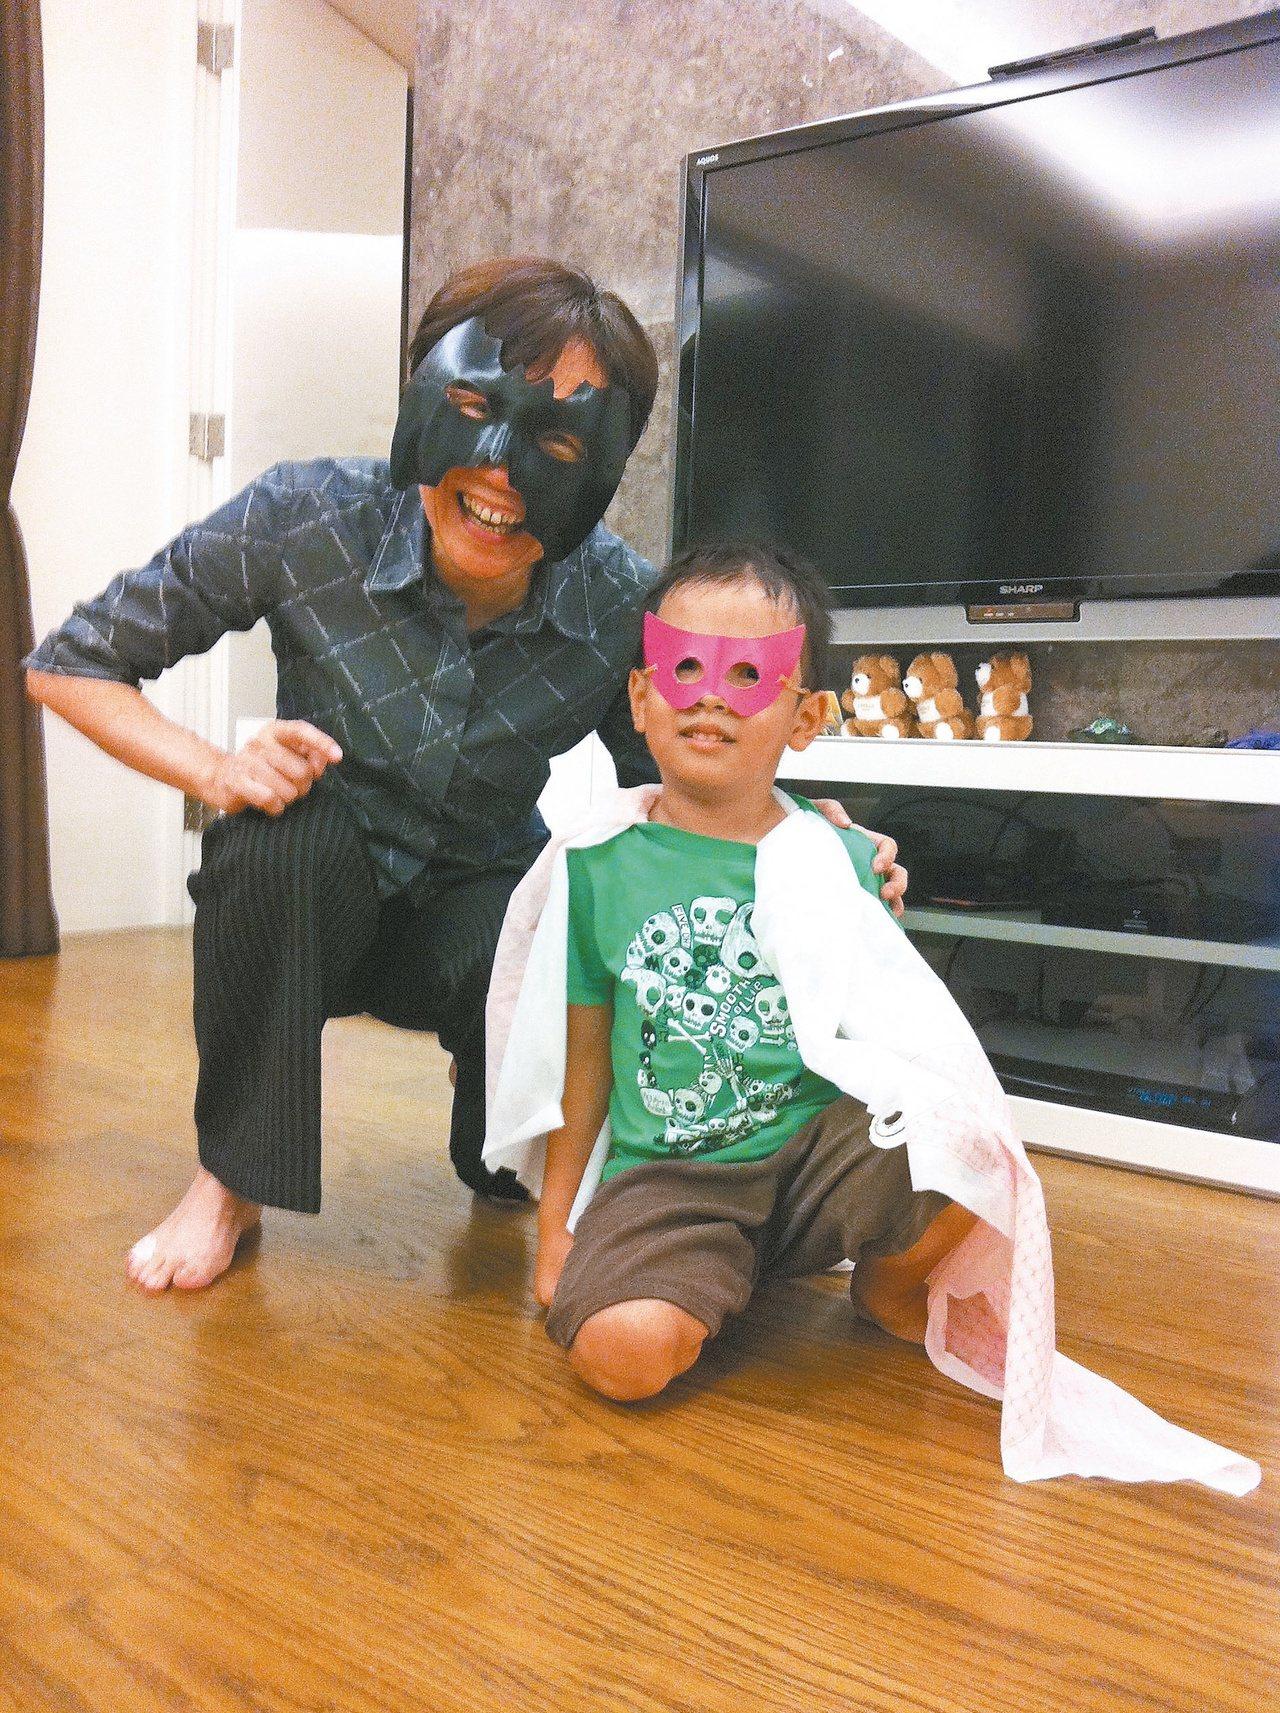 洪三雄手巧,Kilo(右)有些玩具(例如圖中面具)是他親自手作。圖/陳玲玉提供